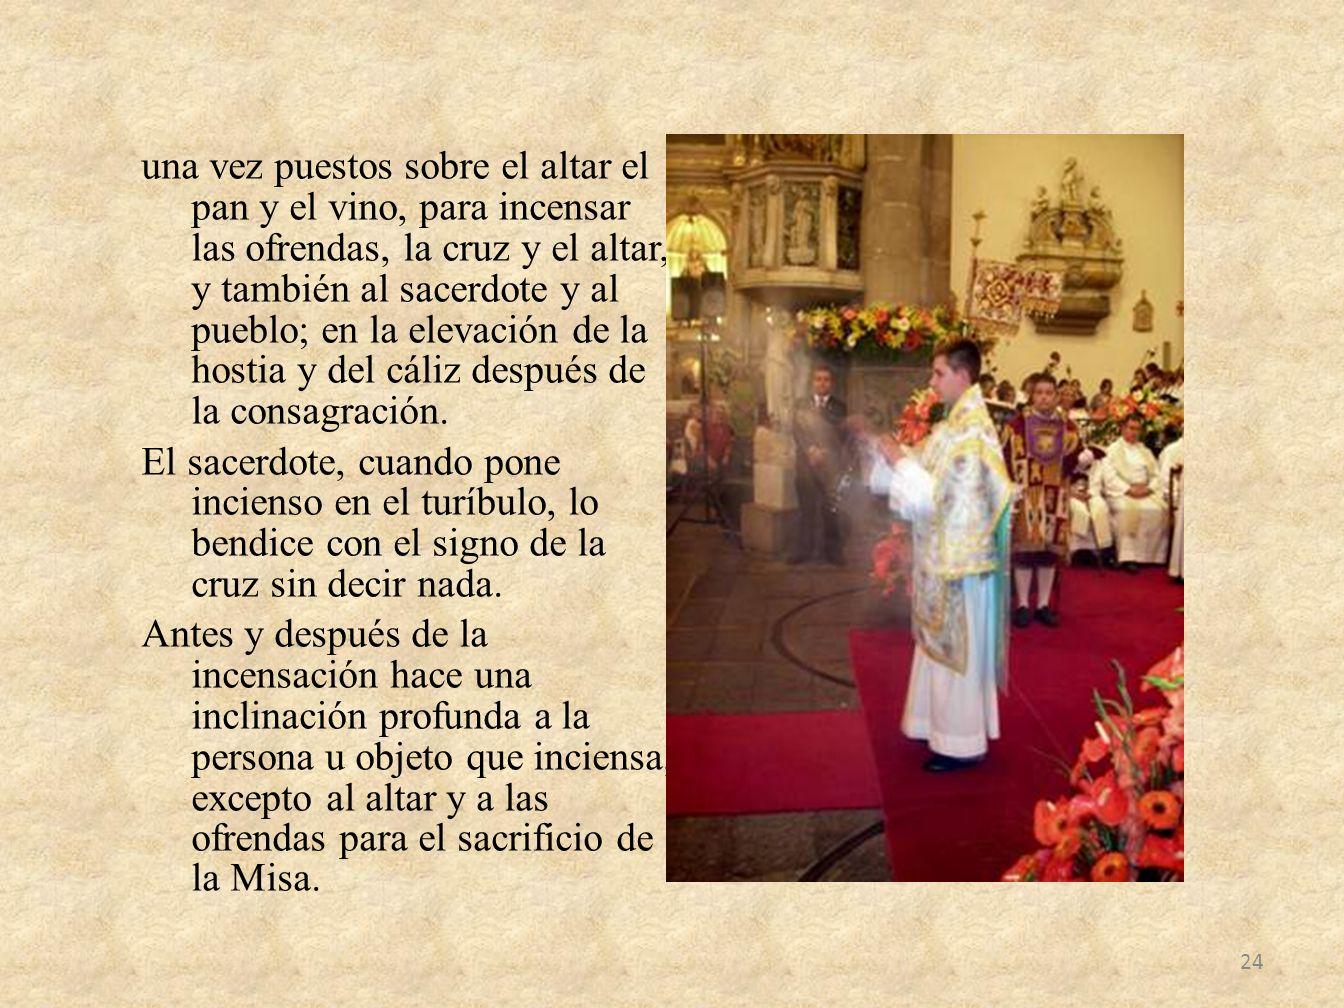 una vez puestos sobre el altar el pan y el vino, para incensar las ofrendas, la cruz y el altar, y también al sacerdote y al pueblo; en la elevación d